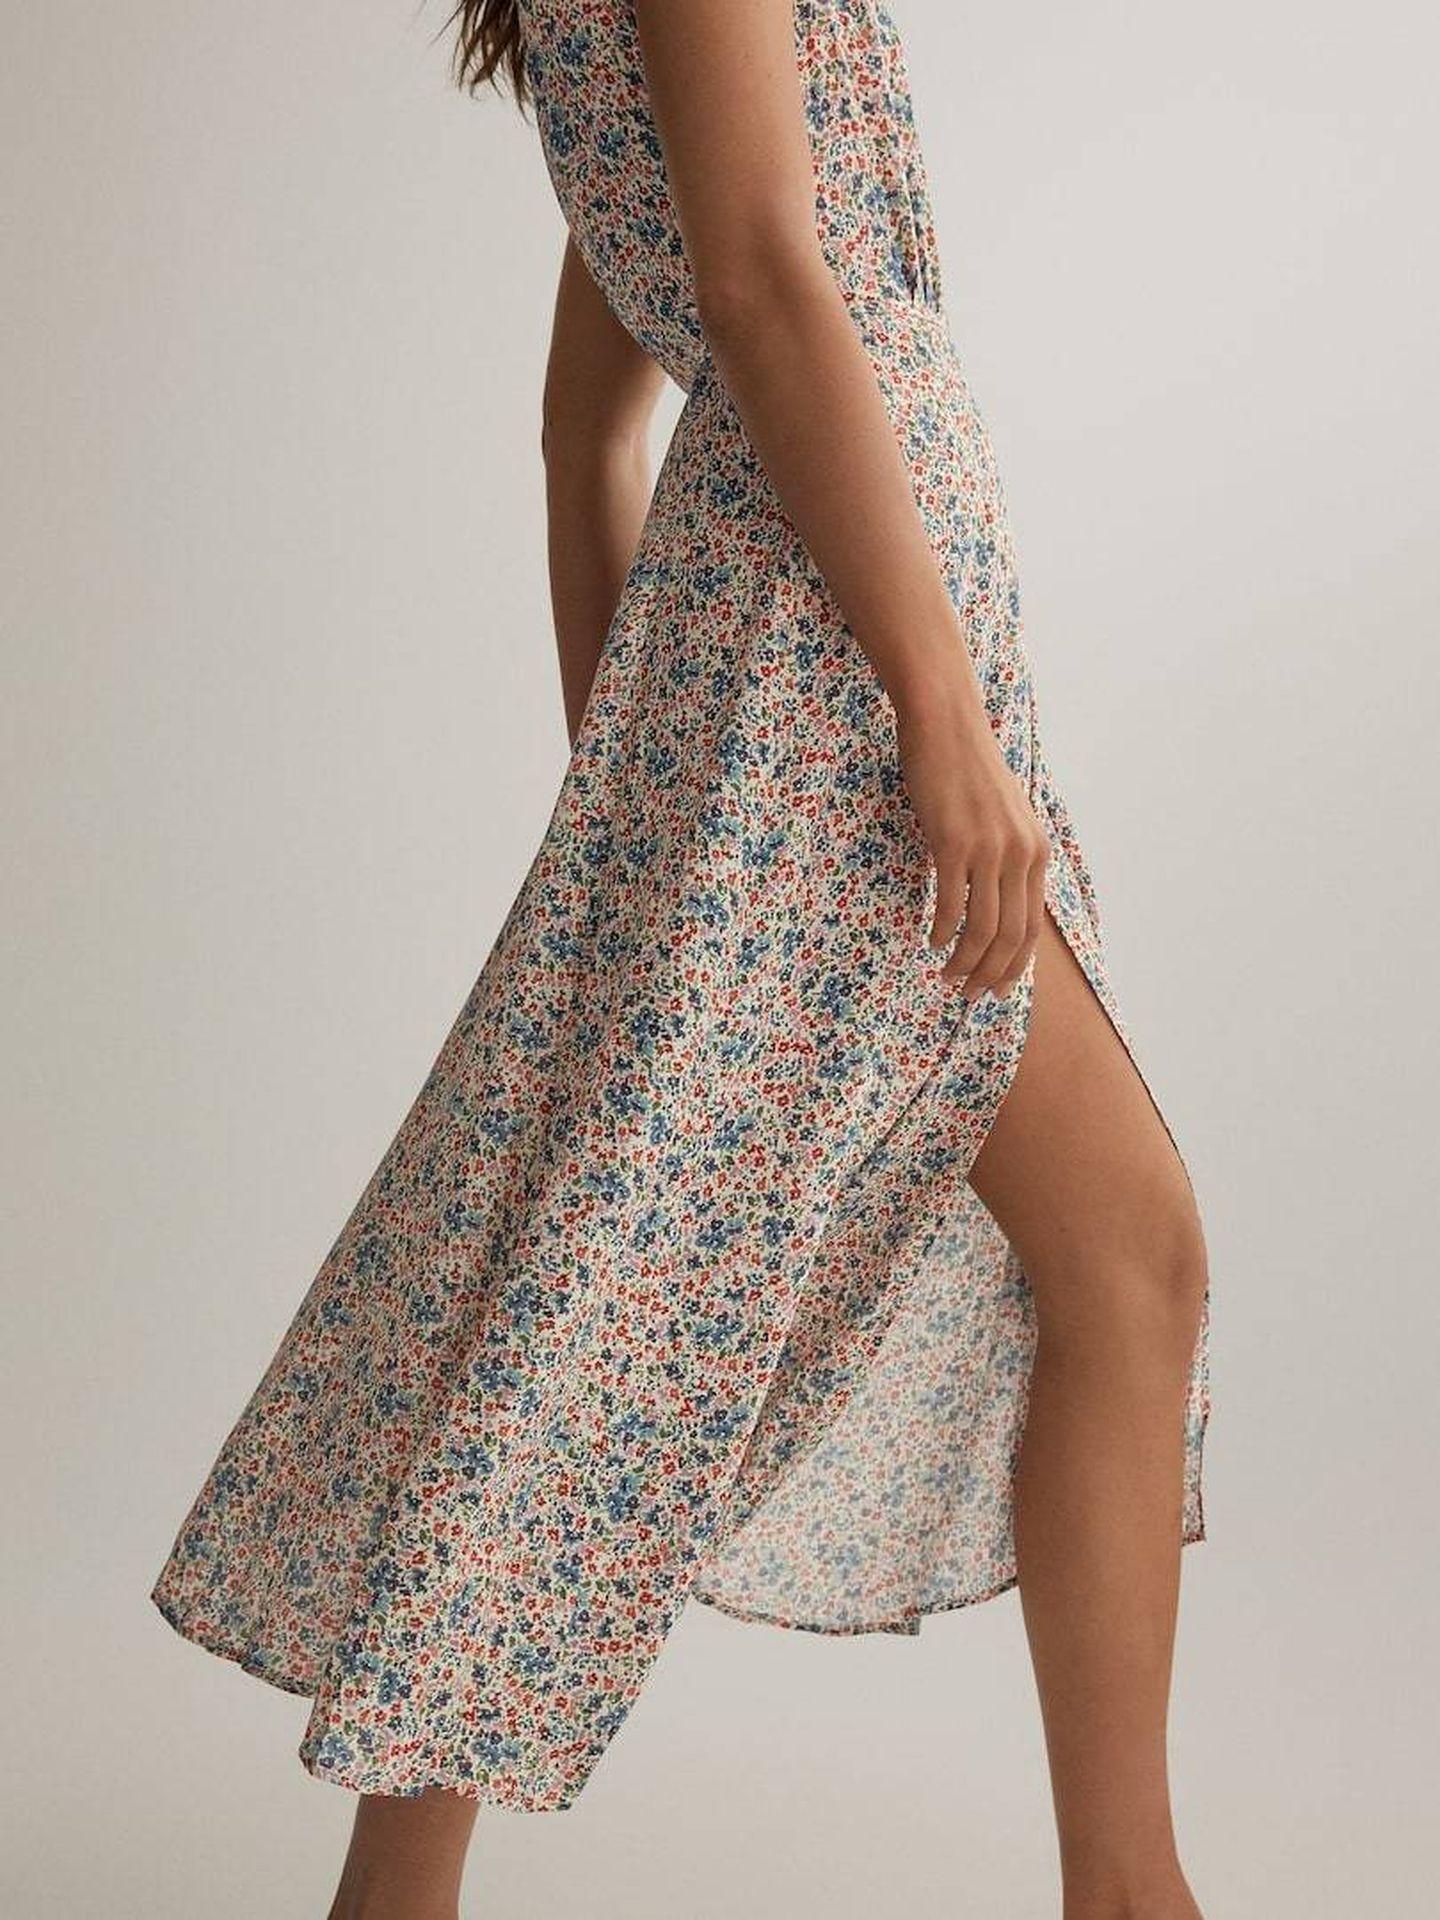 El nuevo vestido de flores de Oysho. (Cortesía)